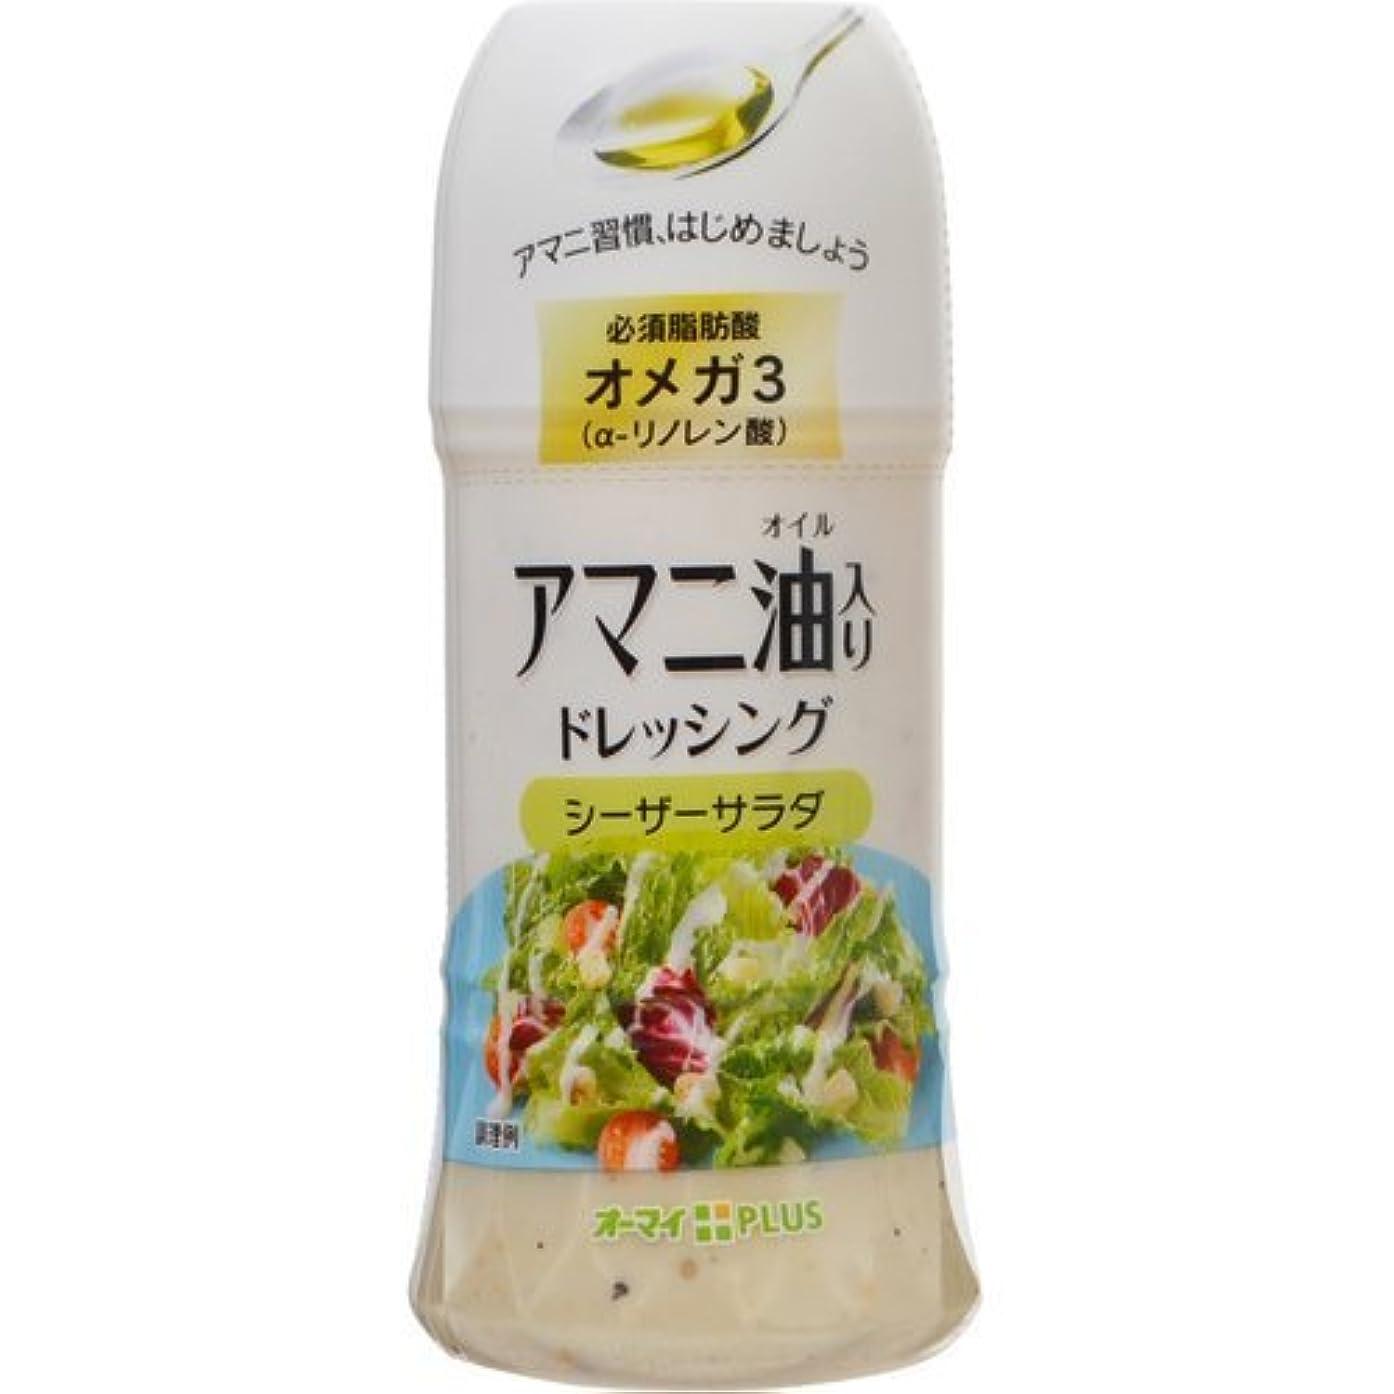 仮説ウェイド黒人アマニ油入り ドレッシング シーザーサラダ【6セット】